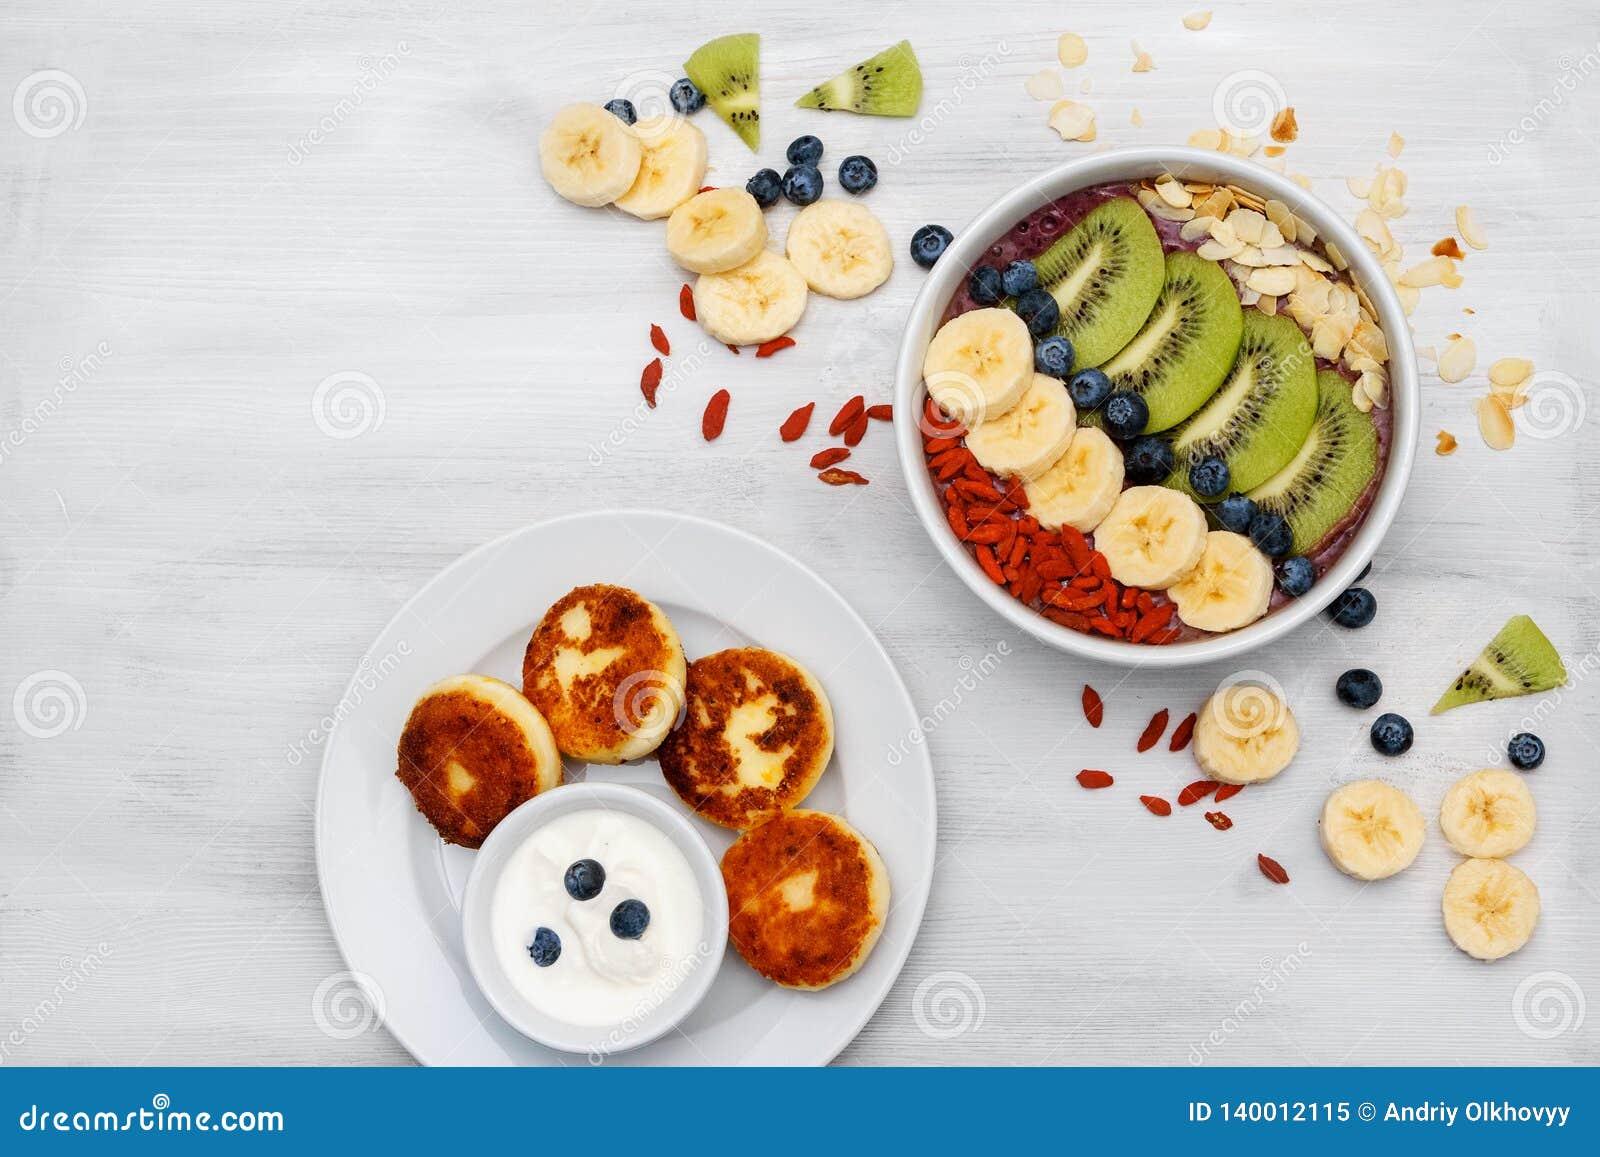 Мусс плода в шарах для smoothie здорового завтрака свежего органического сделанного из банана, кивиа, spirulina, wheatgrass и